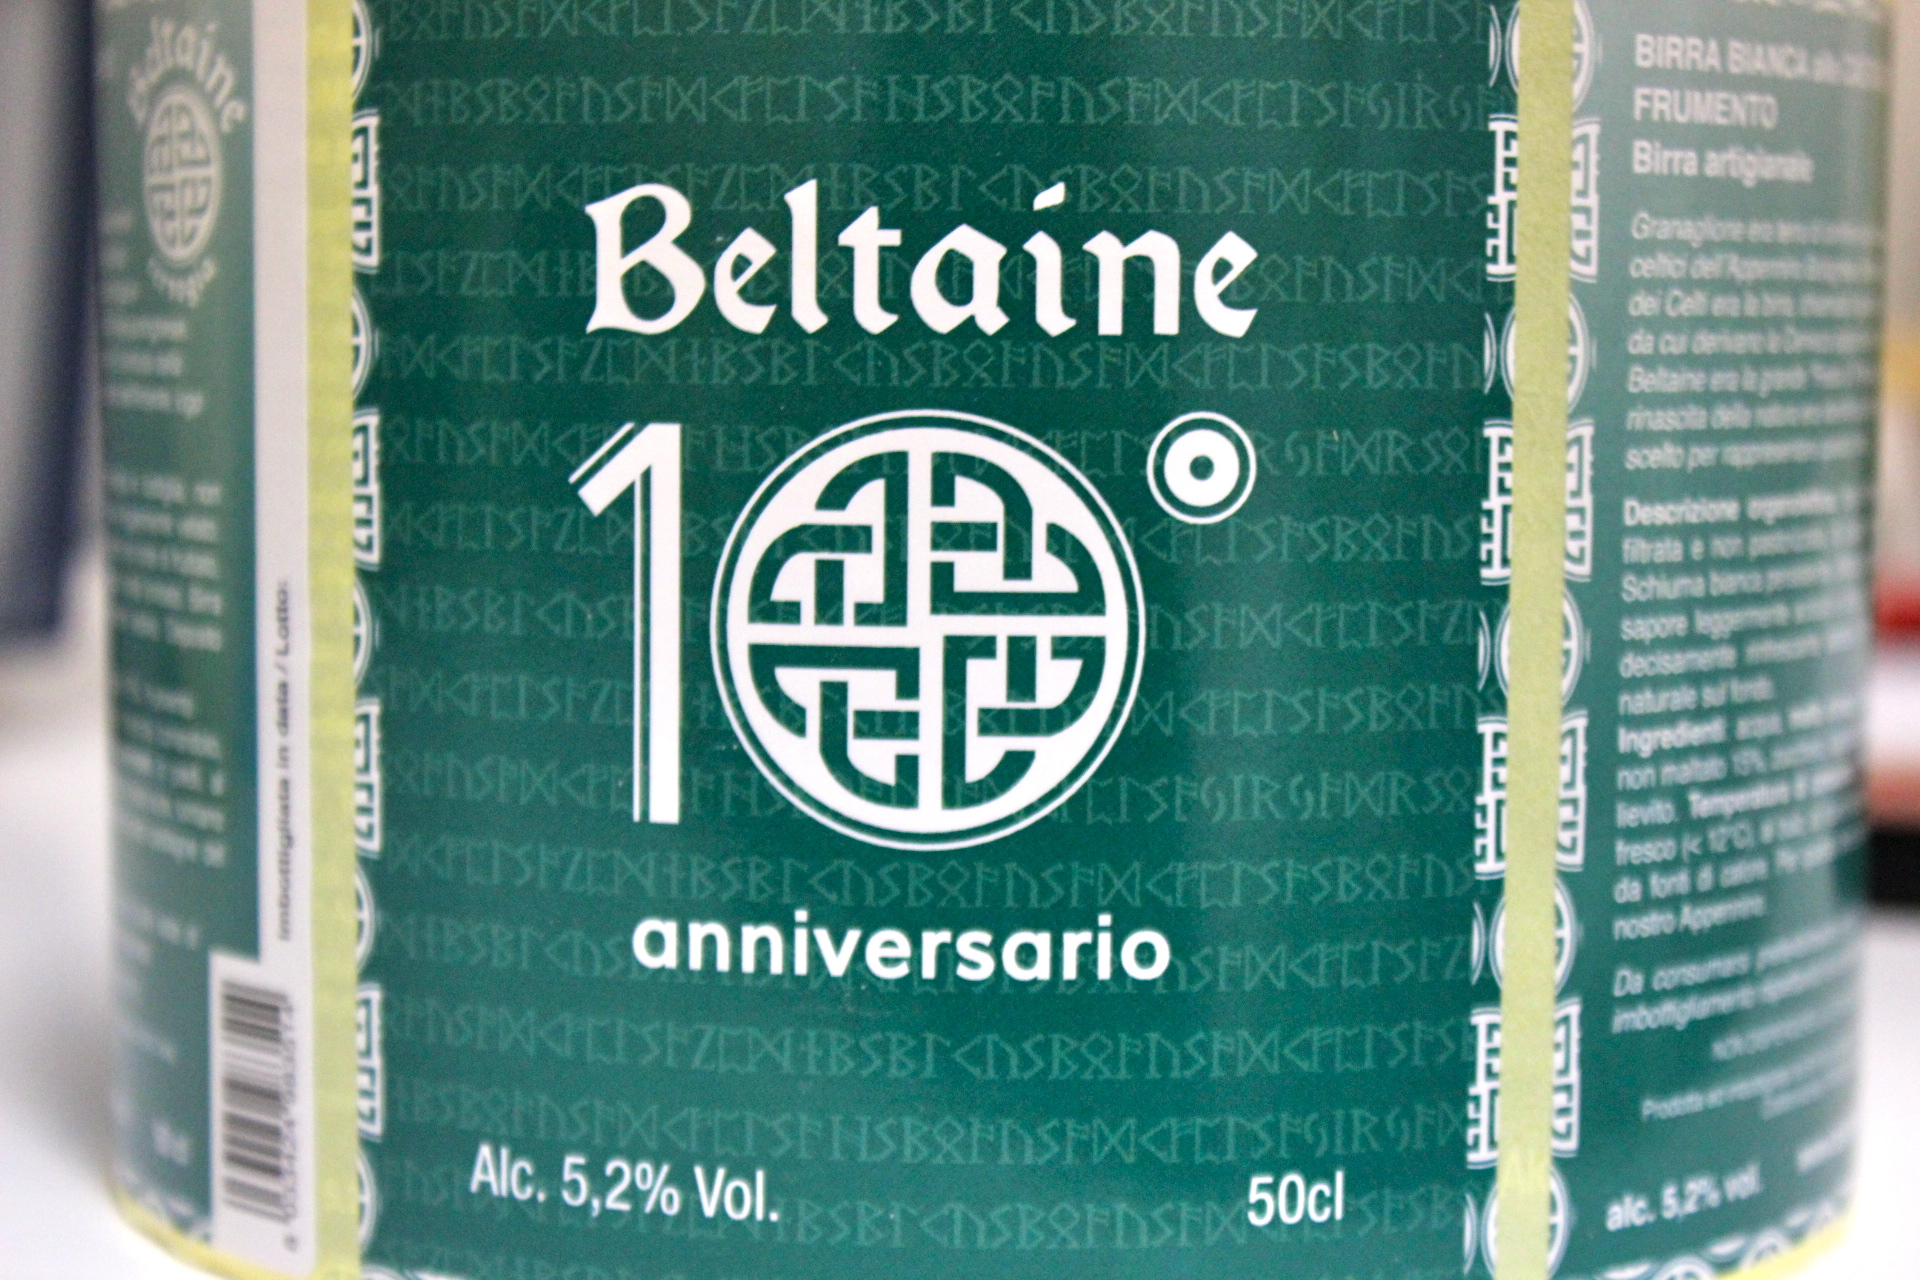 birrificio-beltaine-birra-decennale